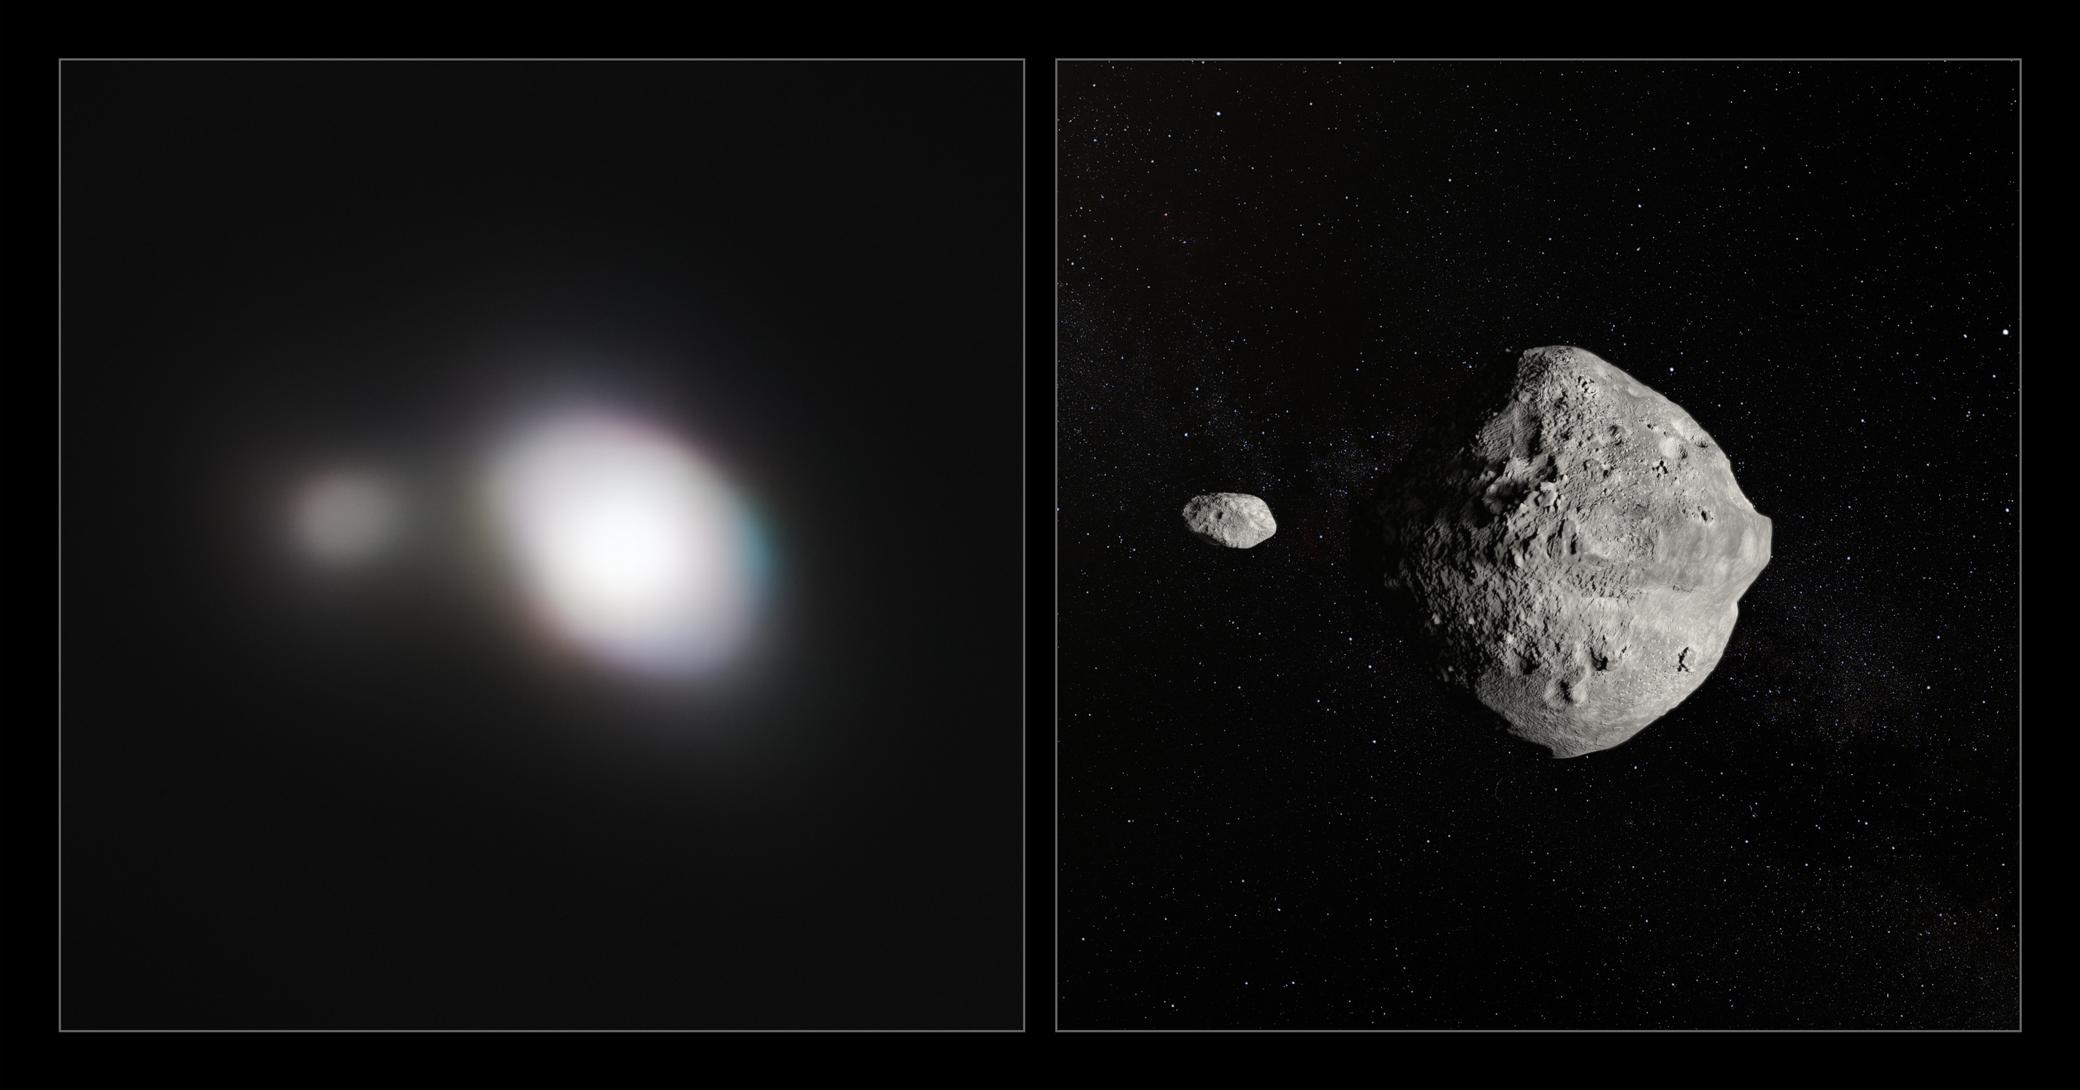 l'astéroïde 1999 KW4